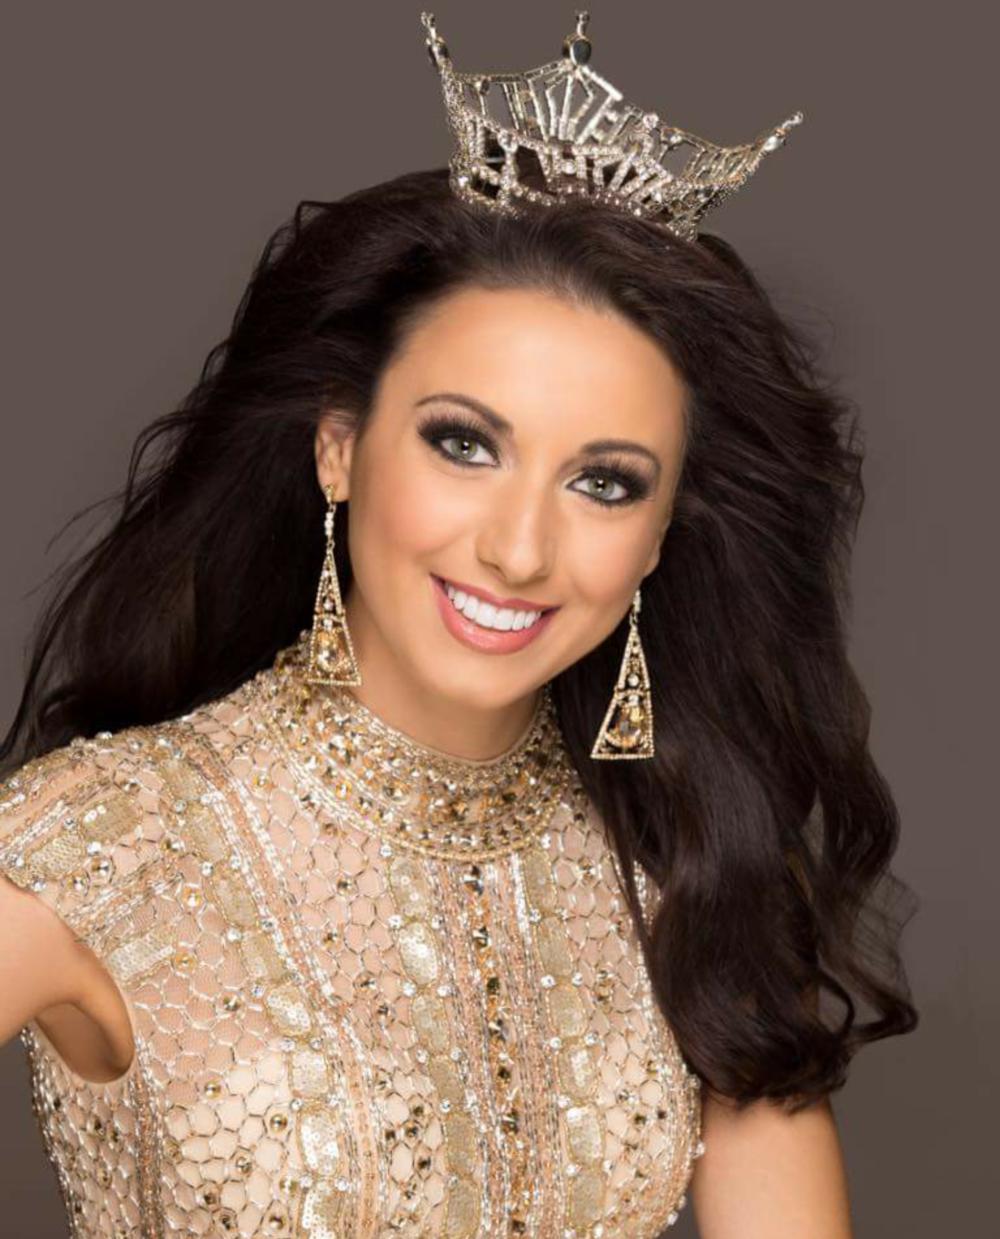 Miss Illinois 2015